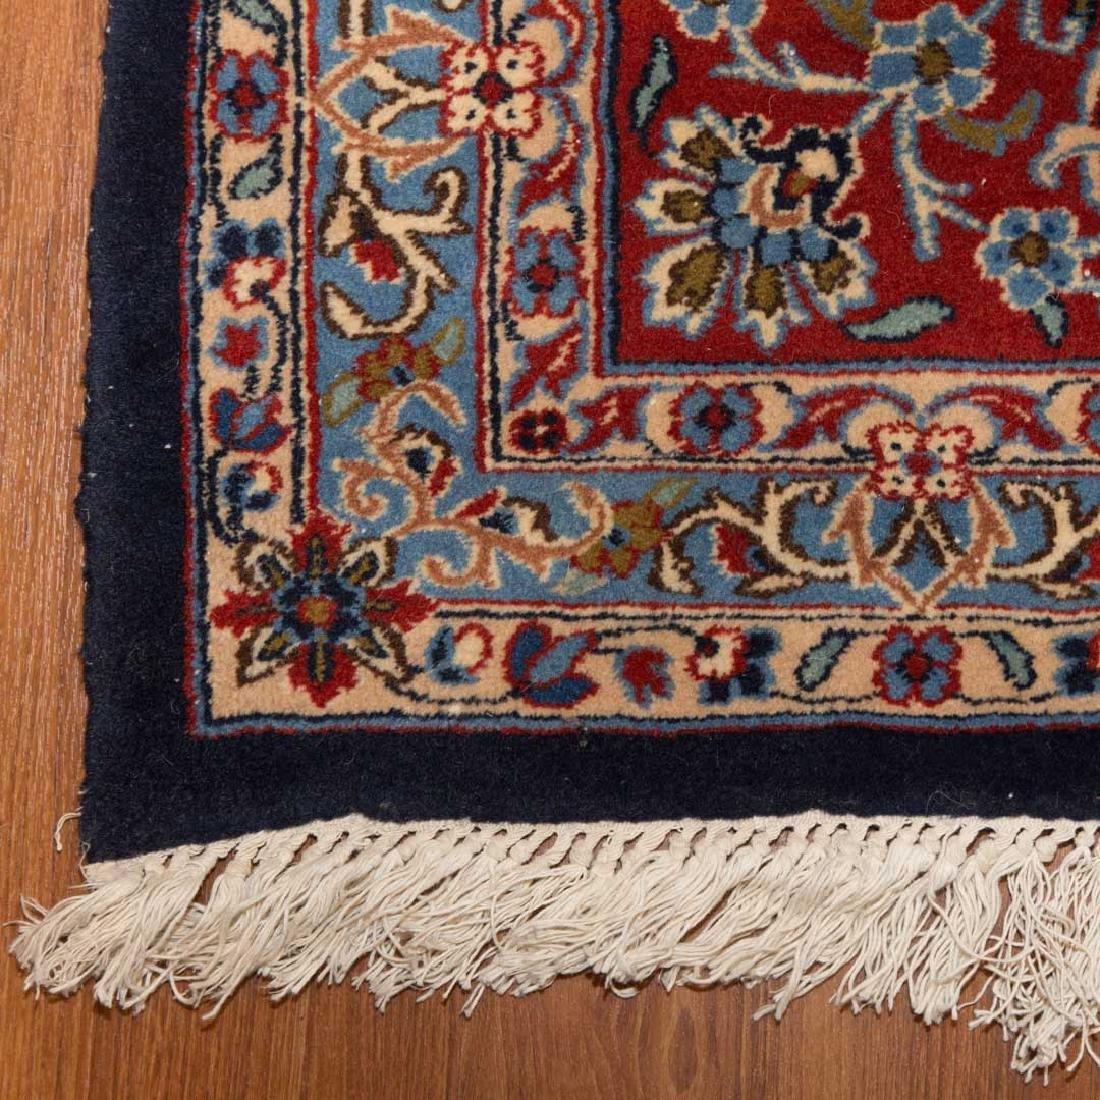 Persian Kerman carpet, approx. 11.6 x 16.4 - 2